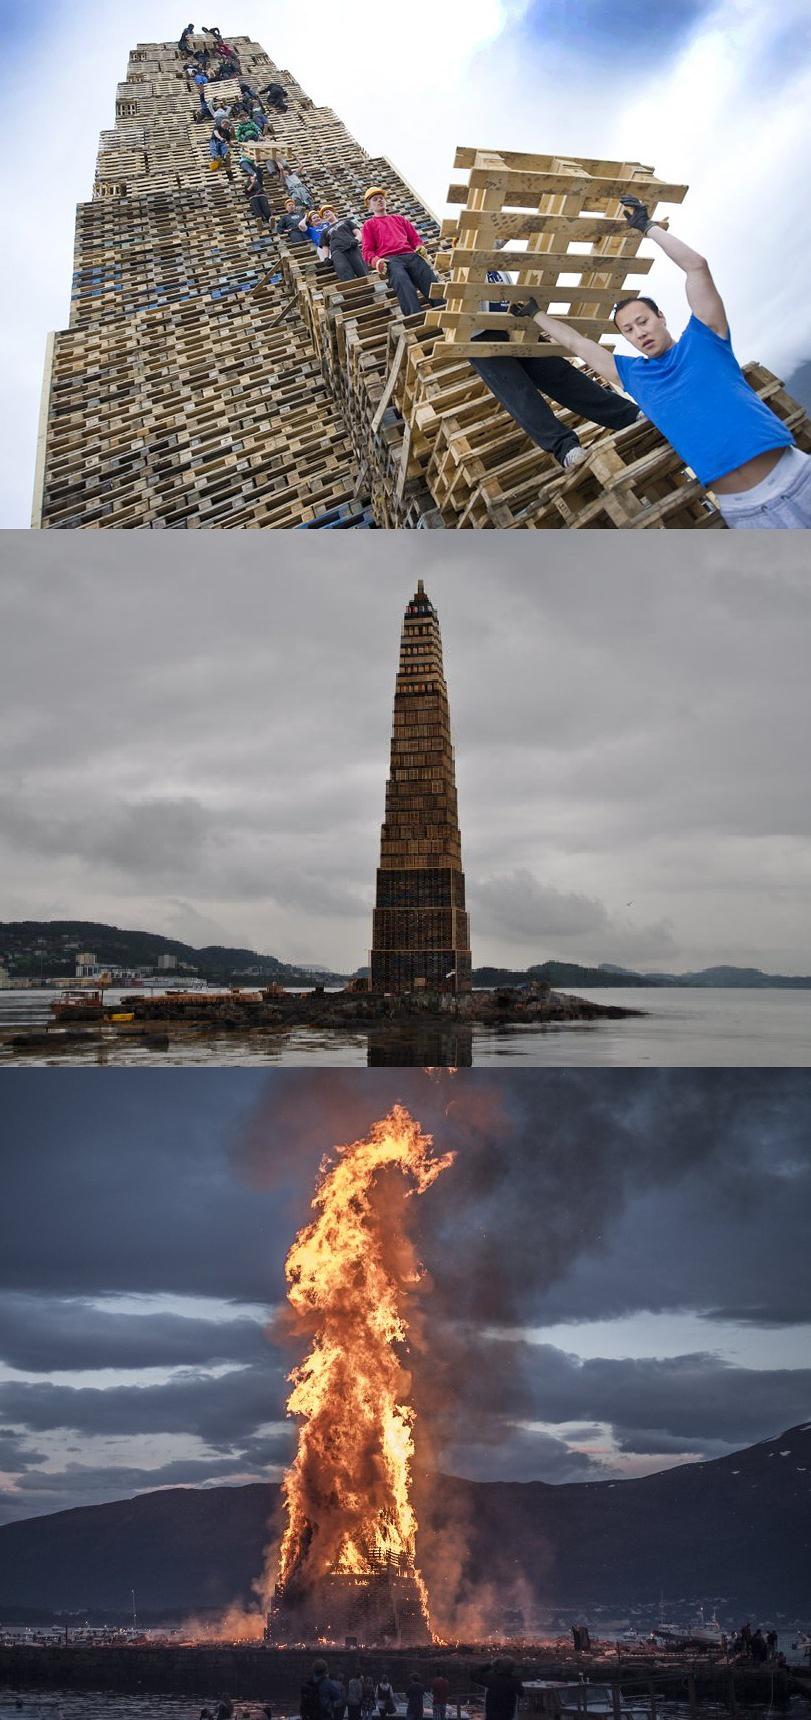 Epic Bonfire. Slinningsbålet 2010 Bonfire World record... The Beacons Are Lit! Gondor calls for Aid!